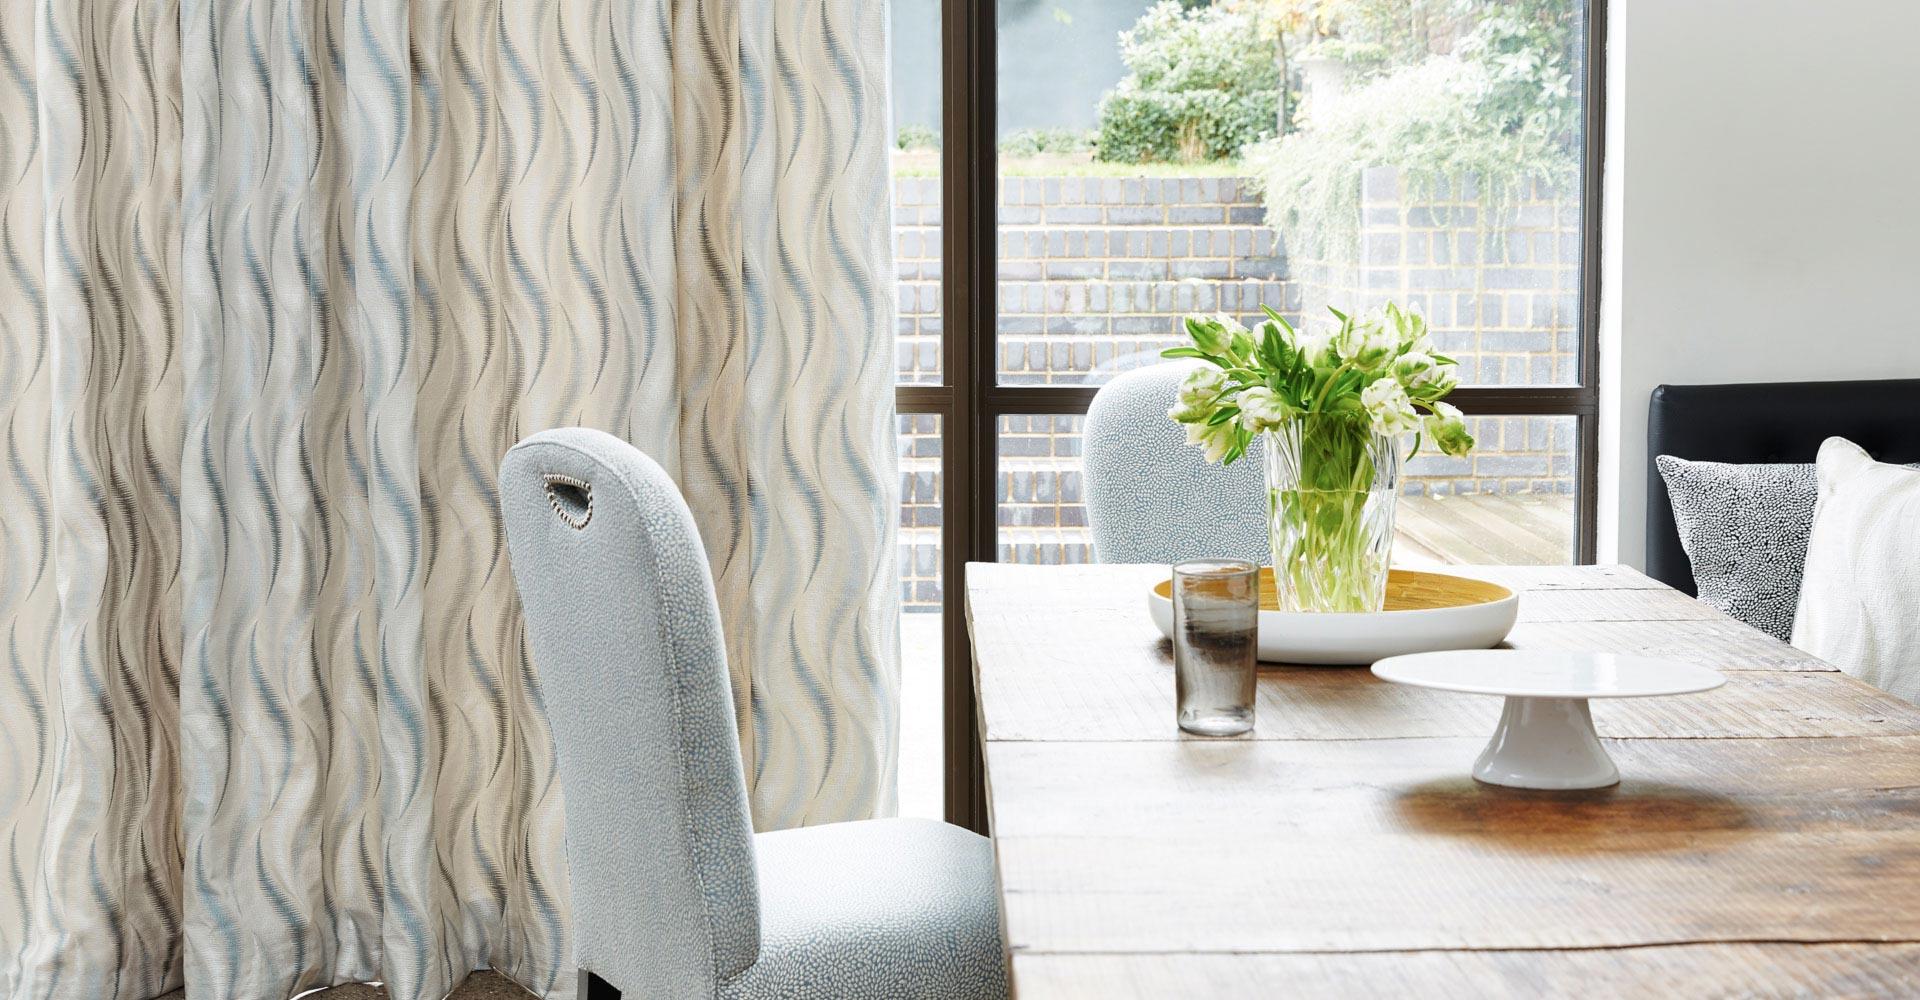 Dekoracje okienne dla domów i mieszkań